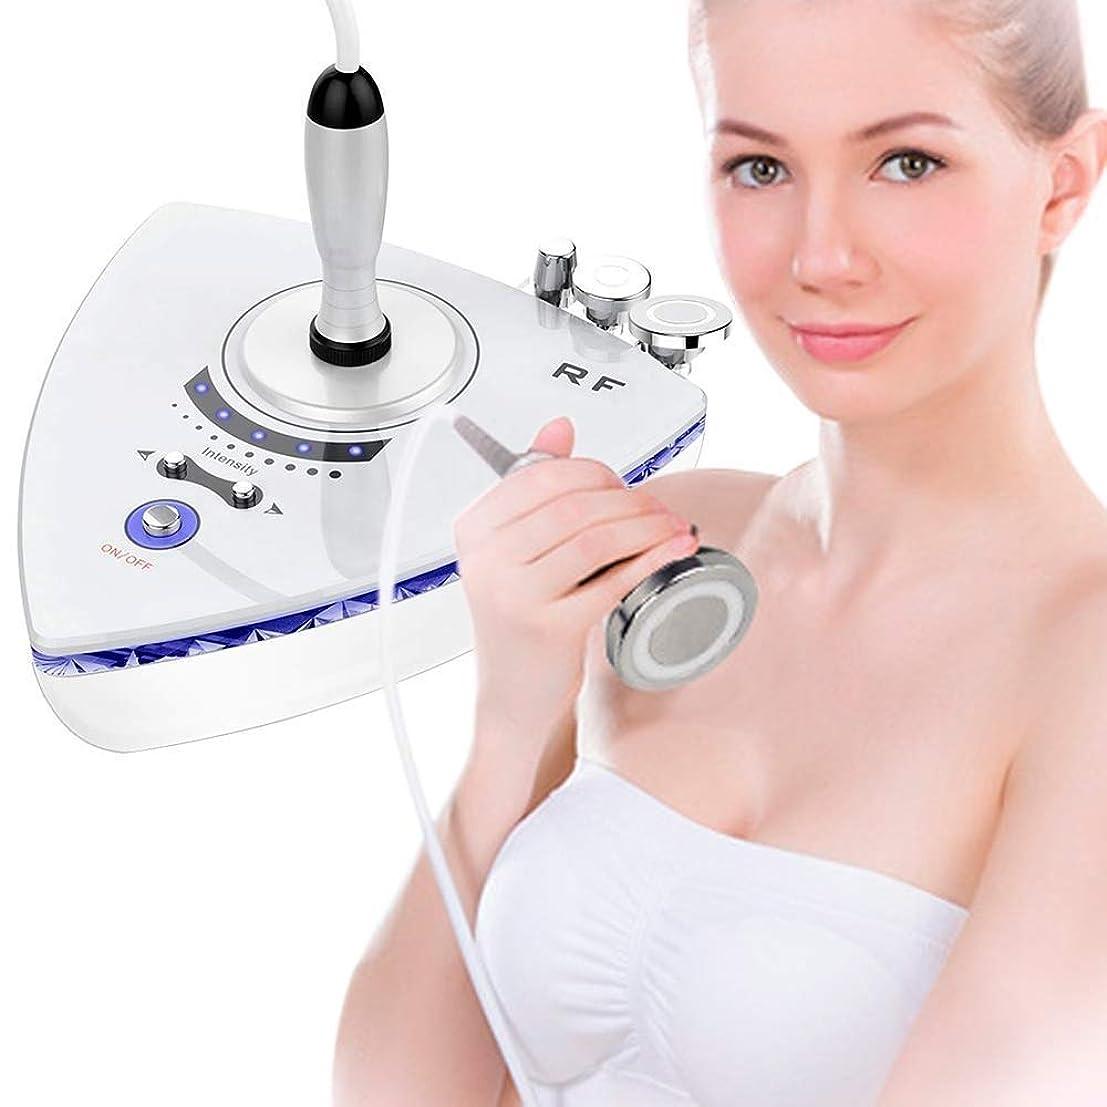 初期厚さ兵器庫ボディスリミングシェイパーRF無線周波数機械、美容家庭用EMSマッサージャーアイバッグ除去およびボディスリミング除去スリム減量機脂肪除去バーナー減量